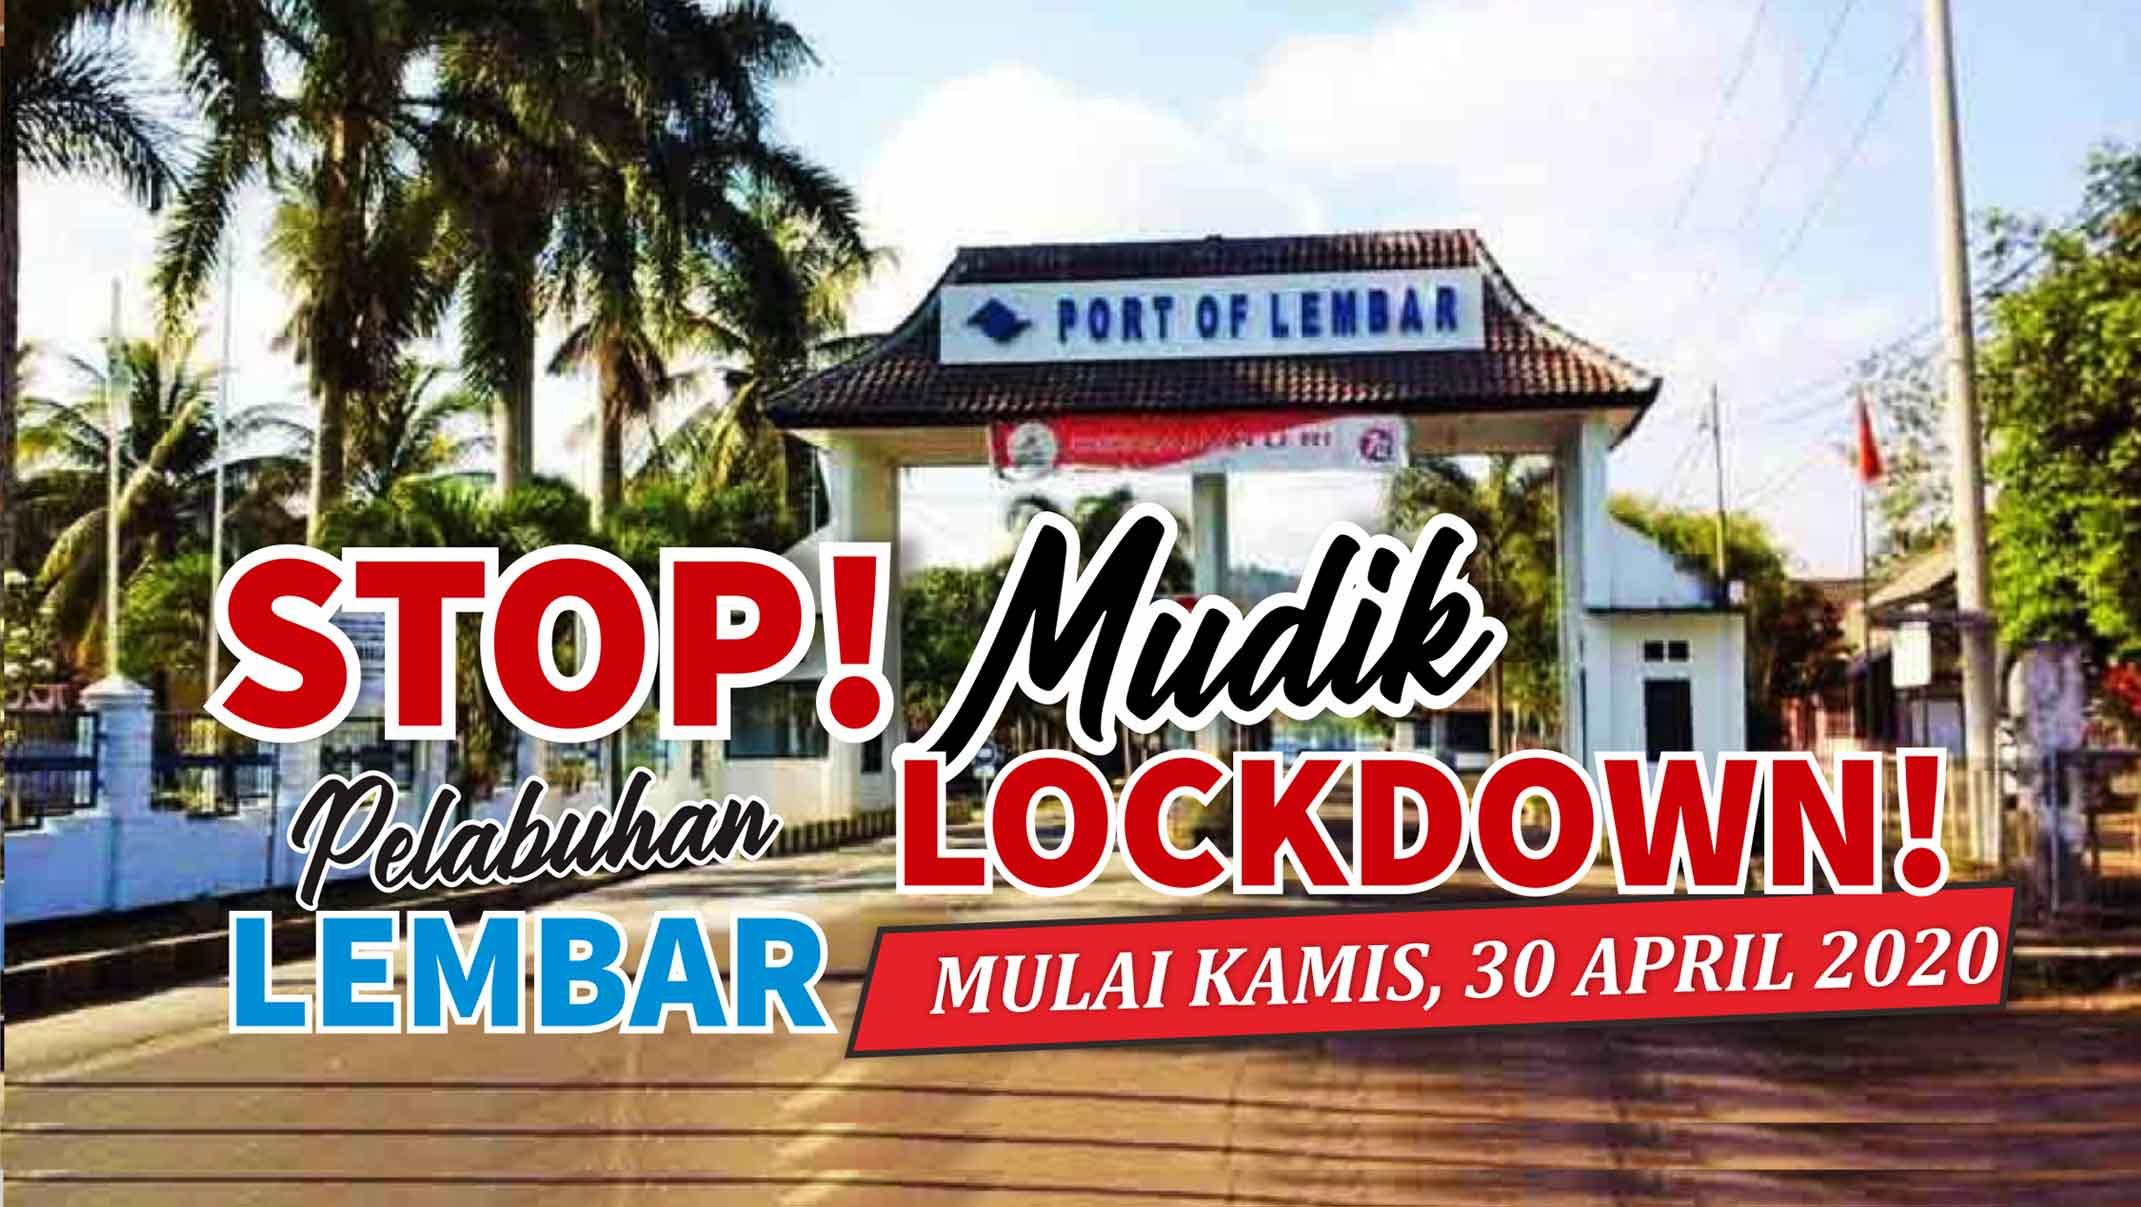 pelabuhan-lembar-di-tutup-lockdown